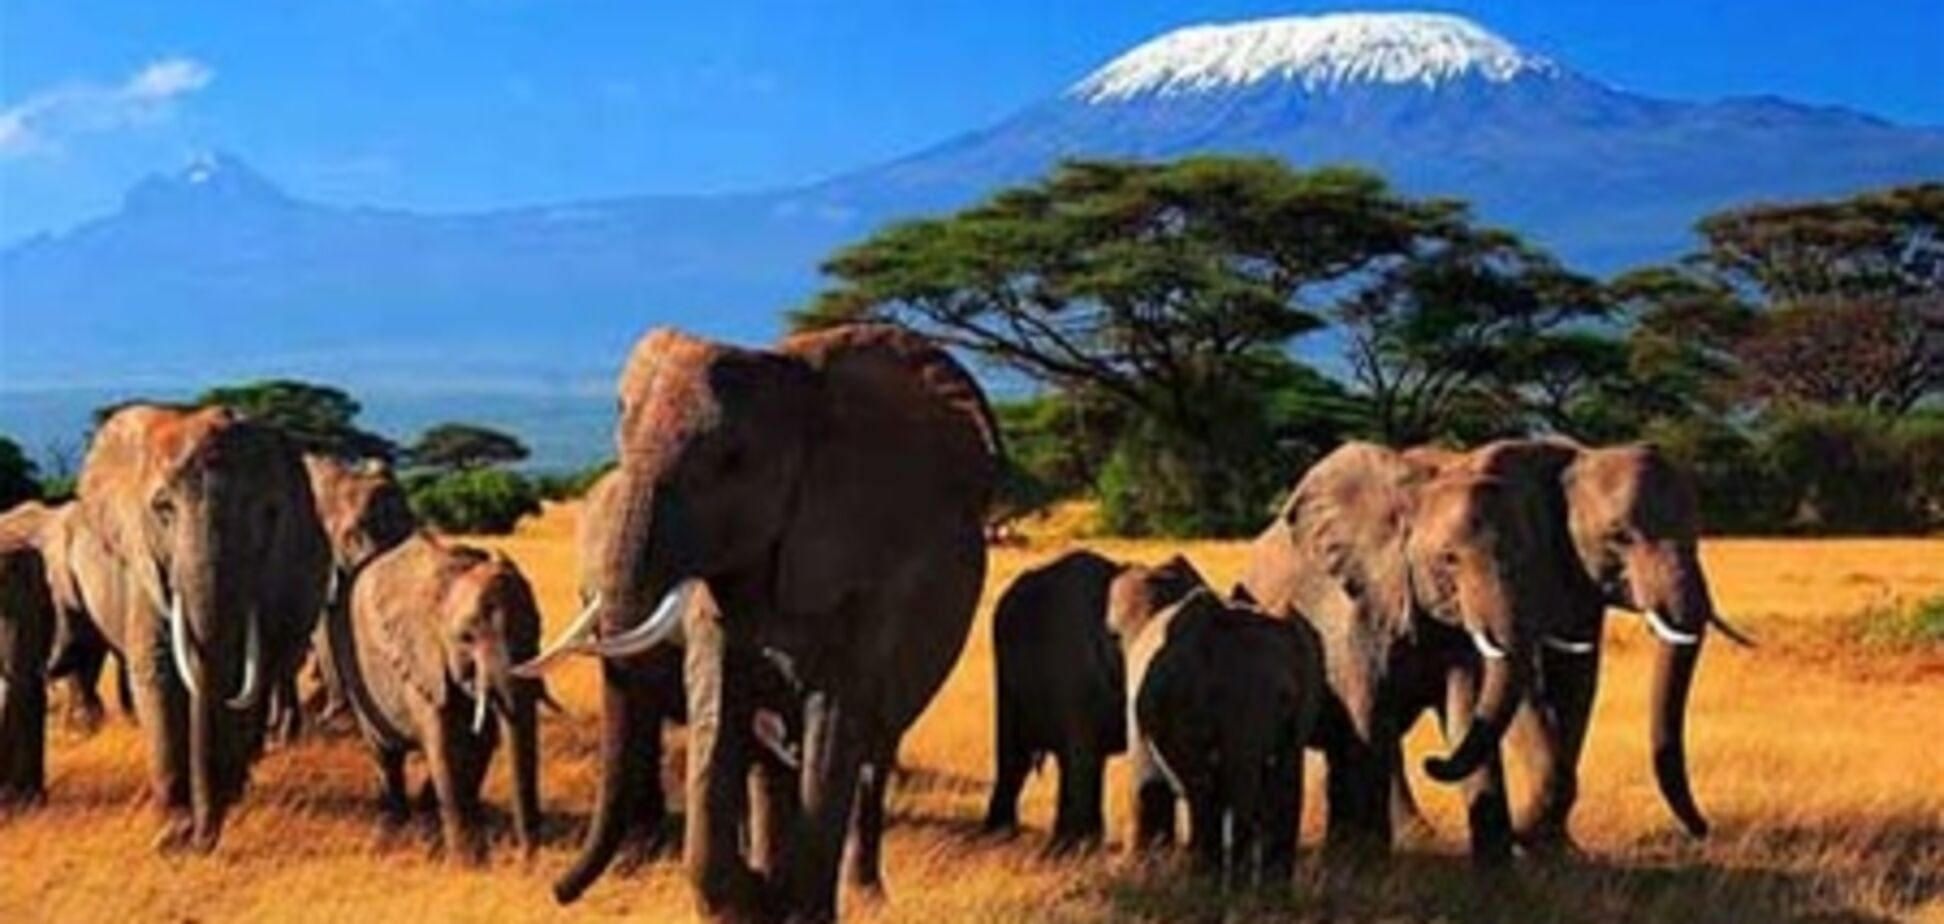 Кения гарантирует безопасный отдых